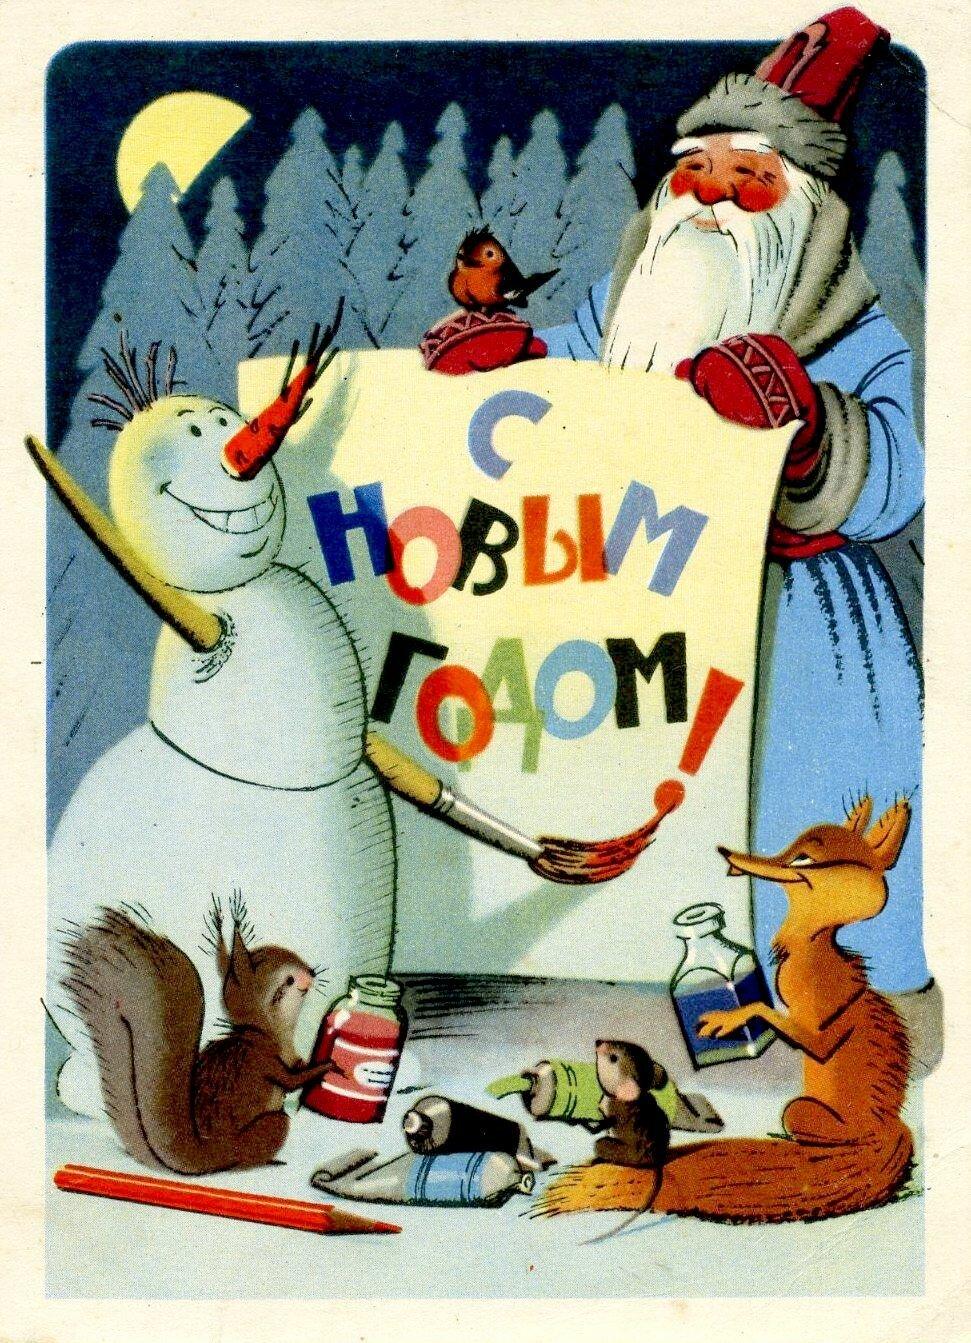 Открытки для нового года в 50 60 годах, открытки